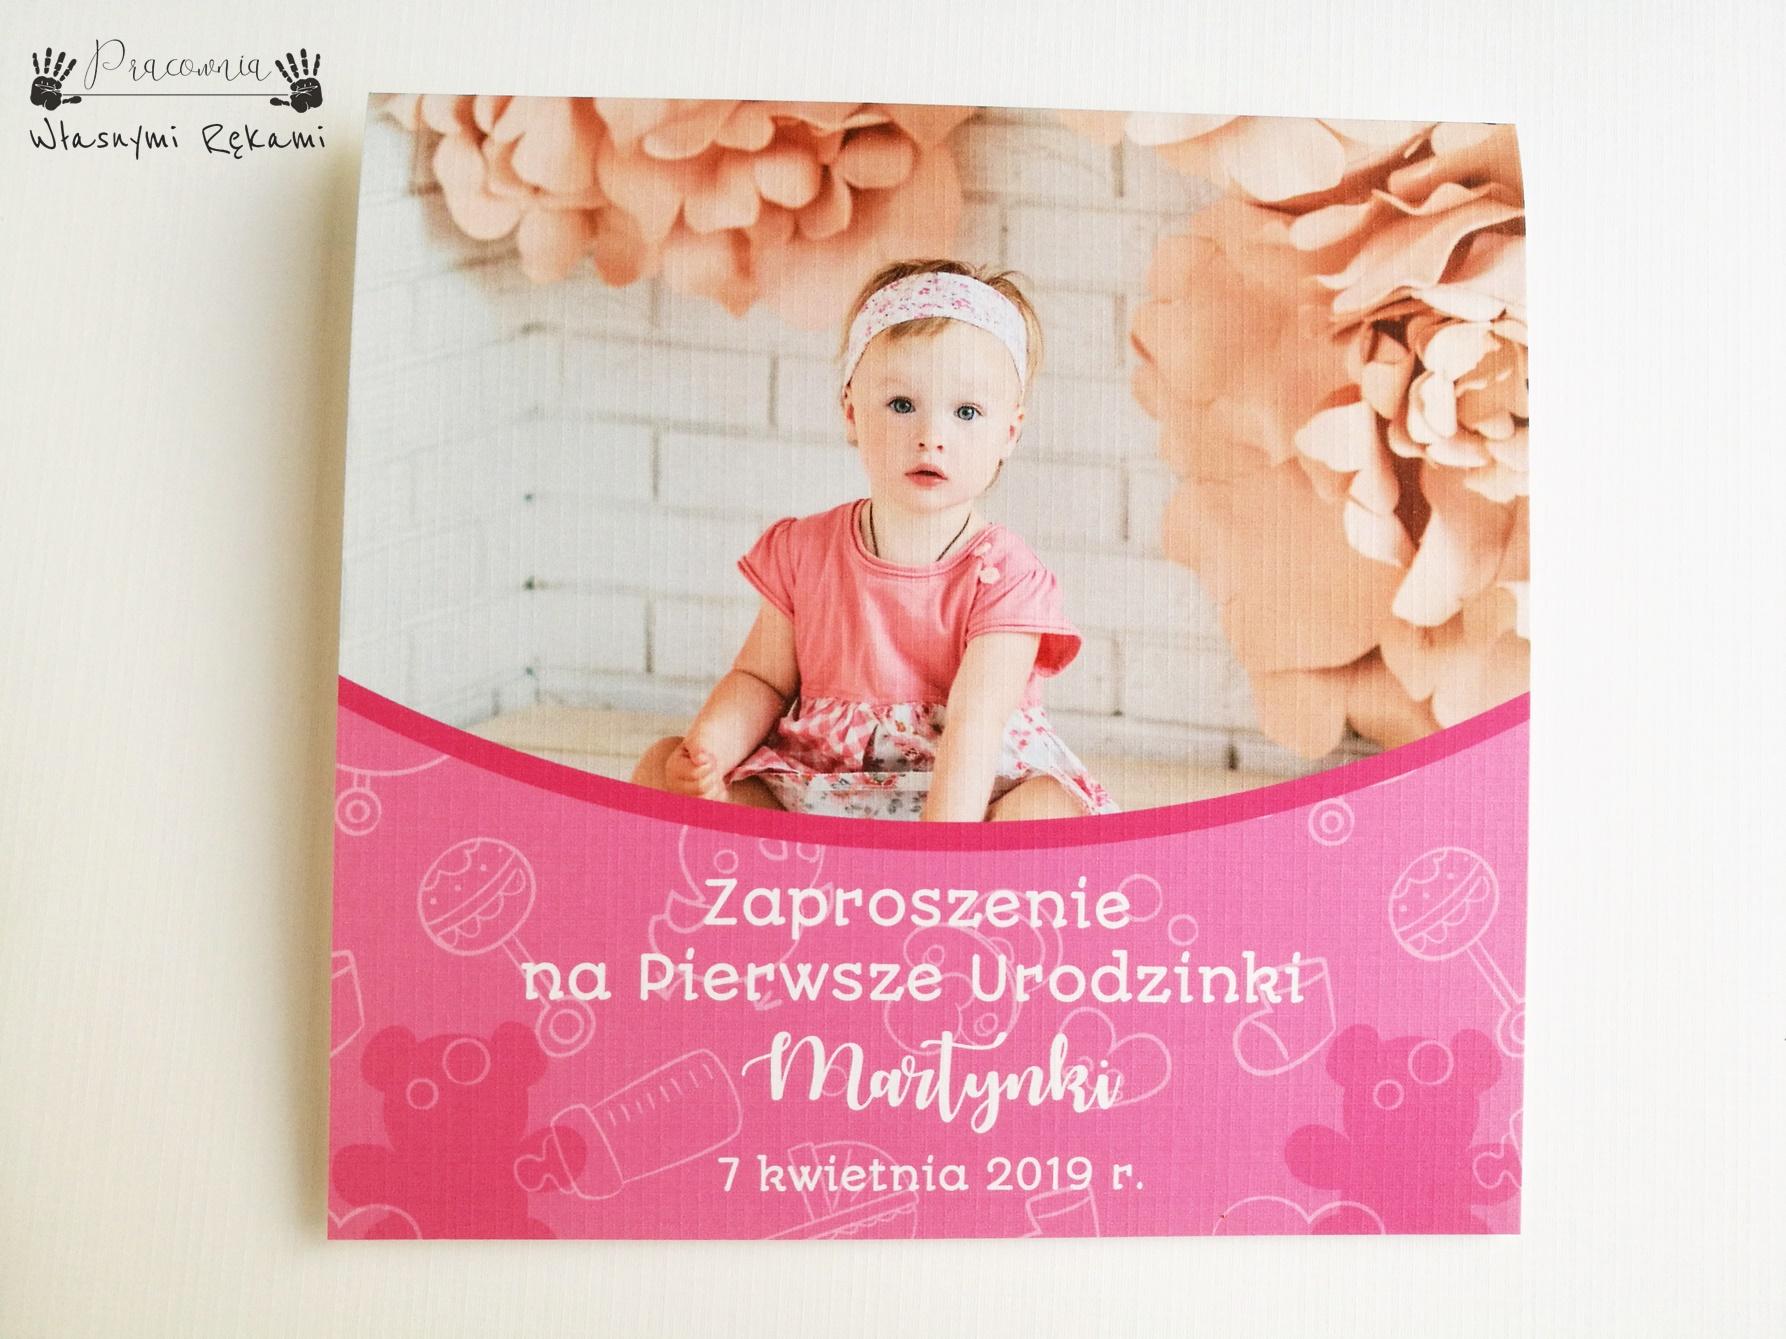 Zaproszenie Ze Zdjęciem Dziecka Pracownia Własnymi Rękami